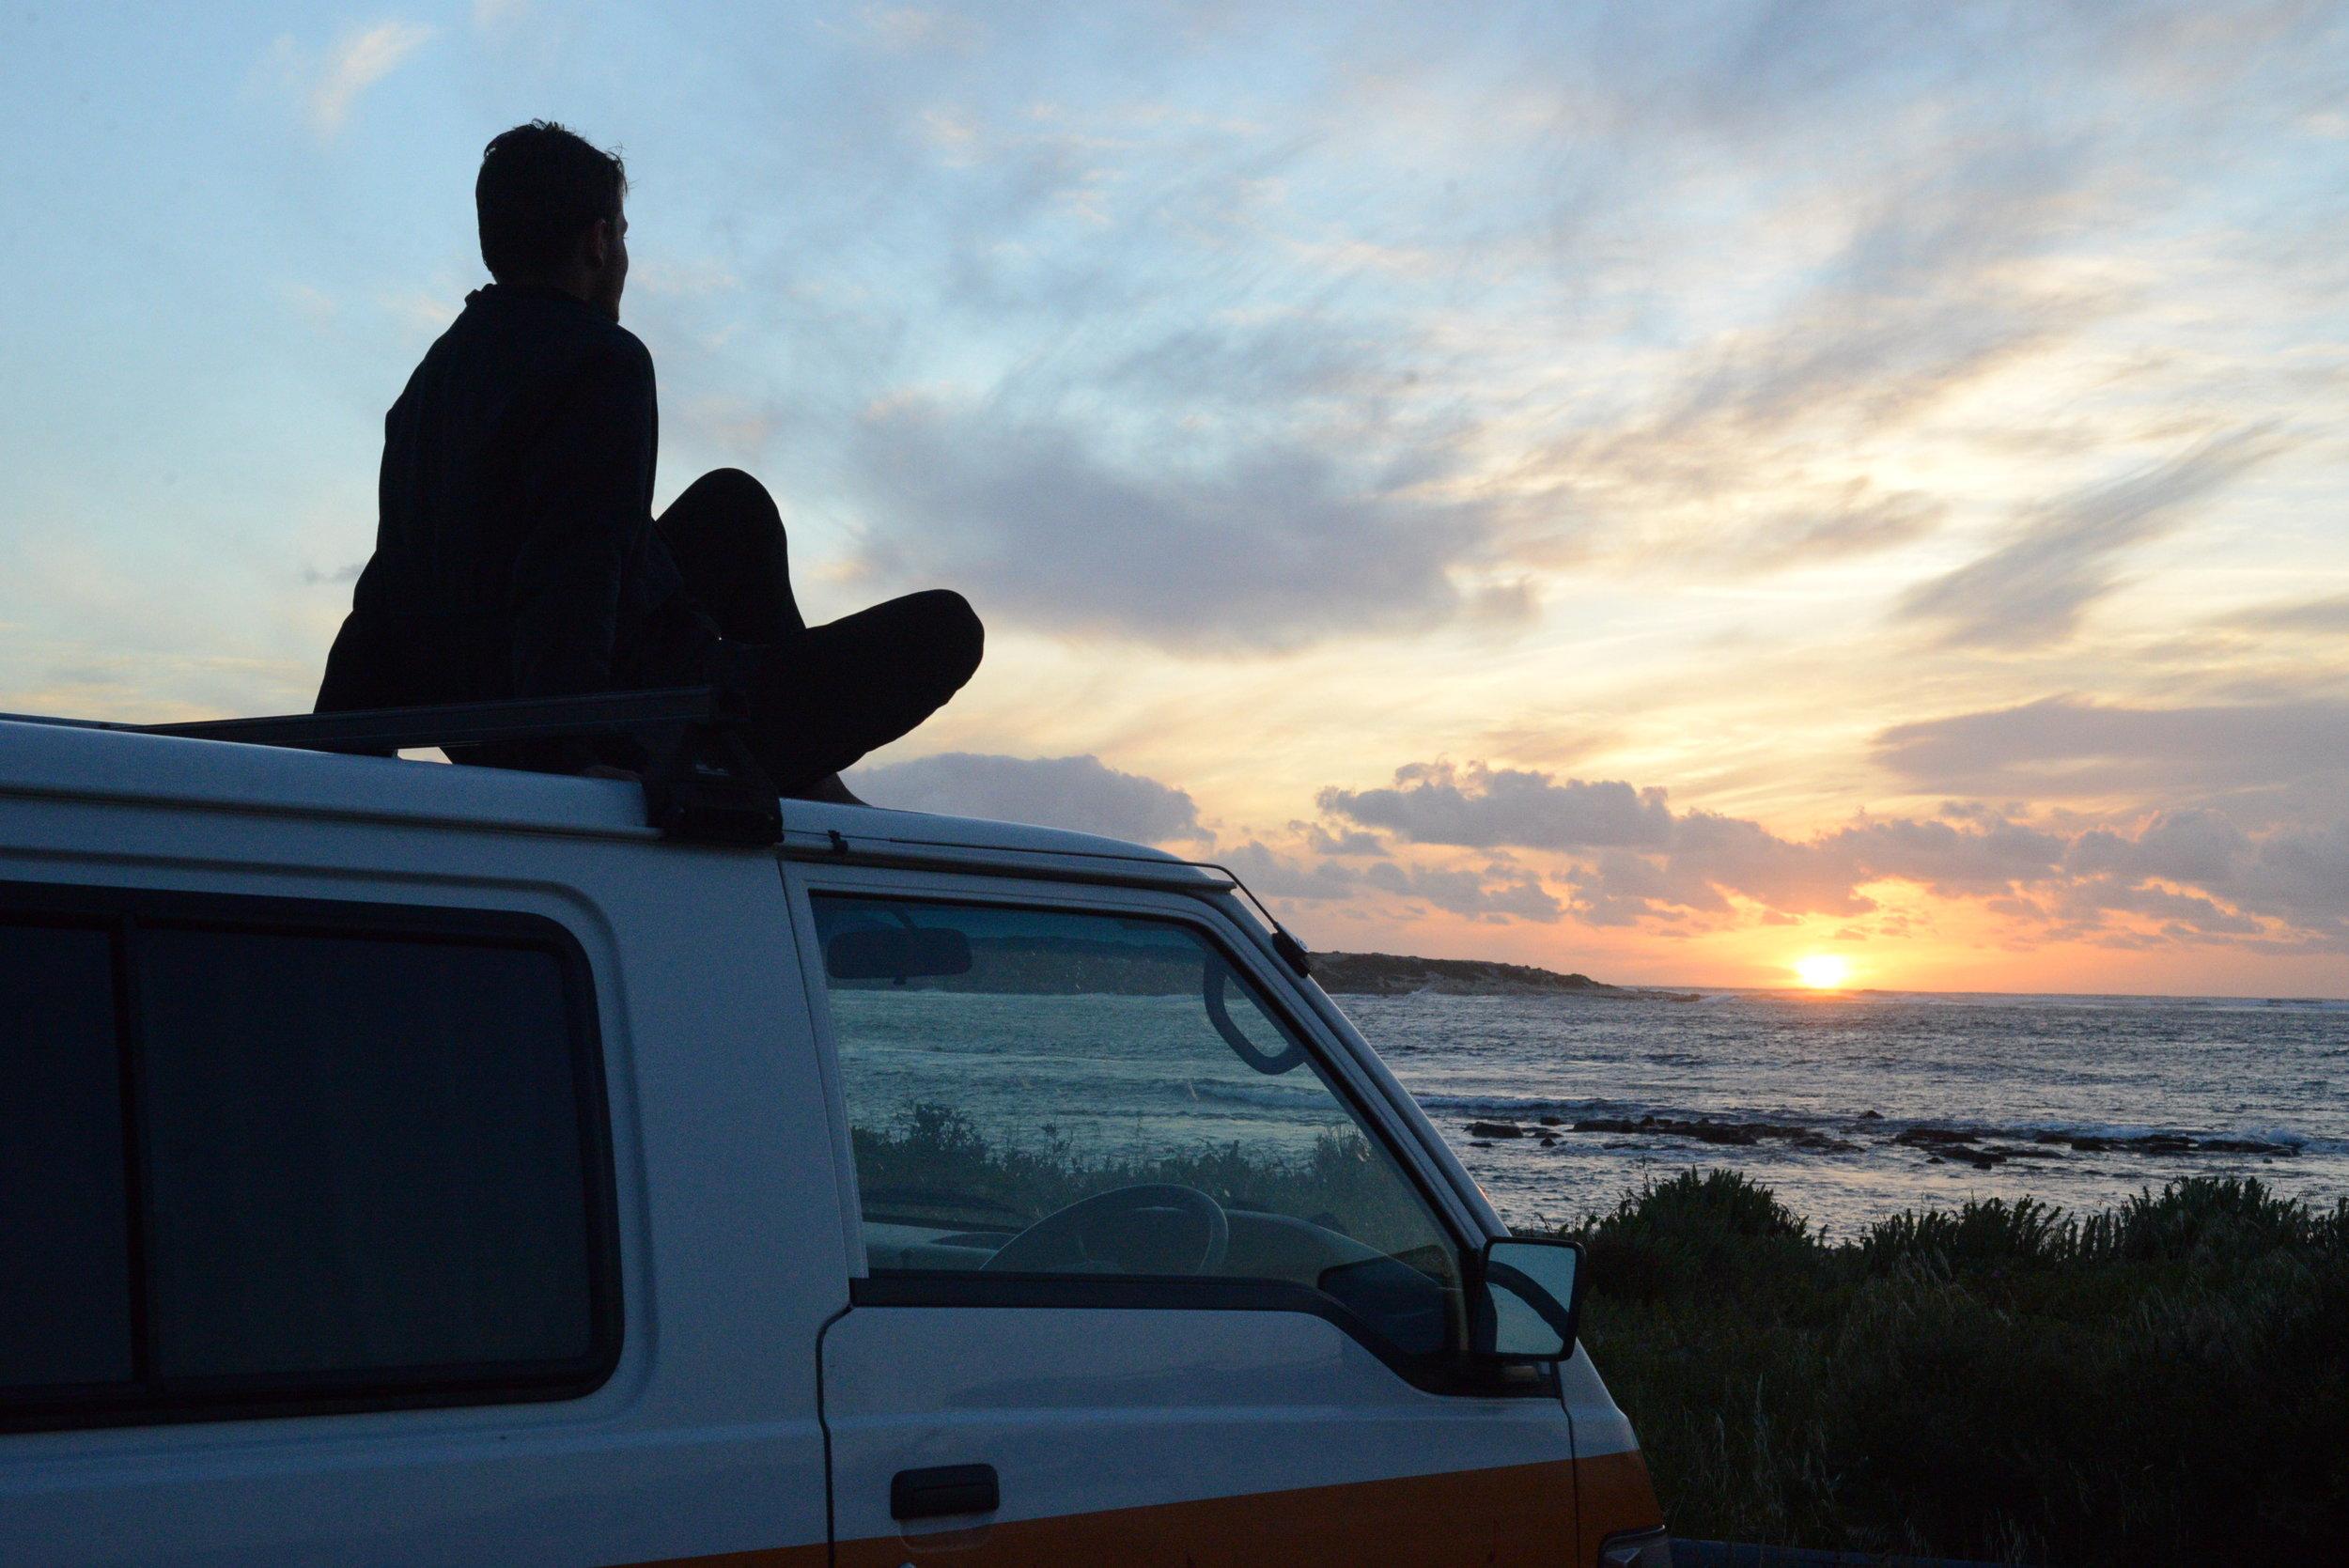 Sunset over the amazing West Coast